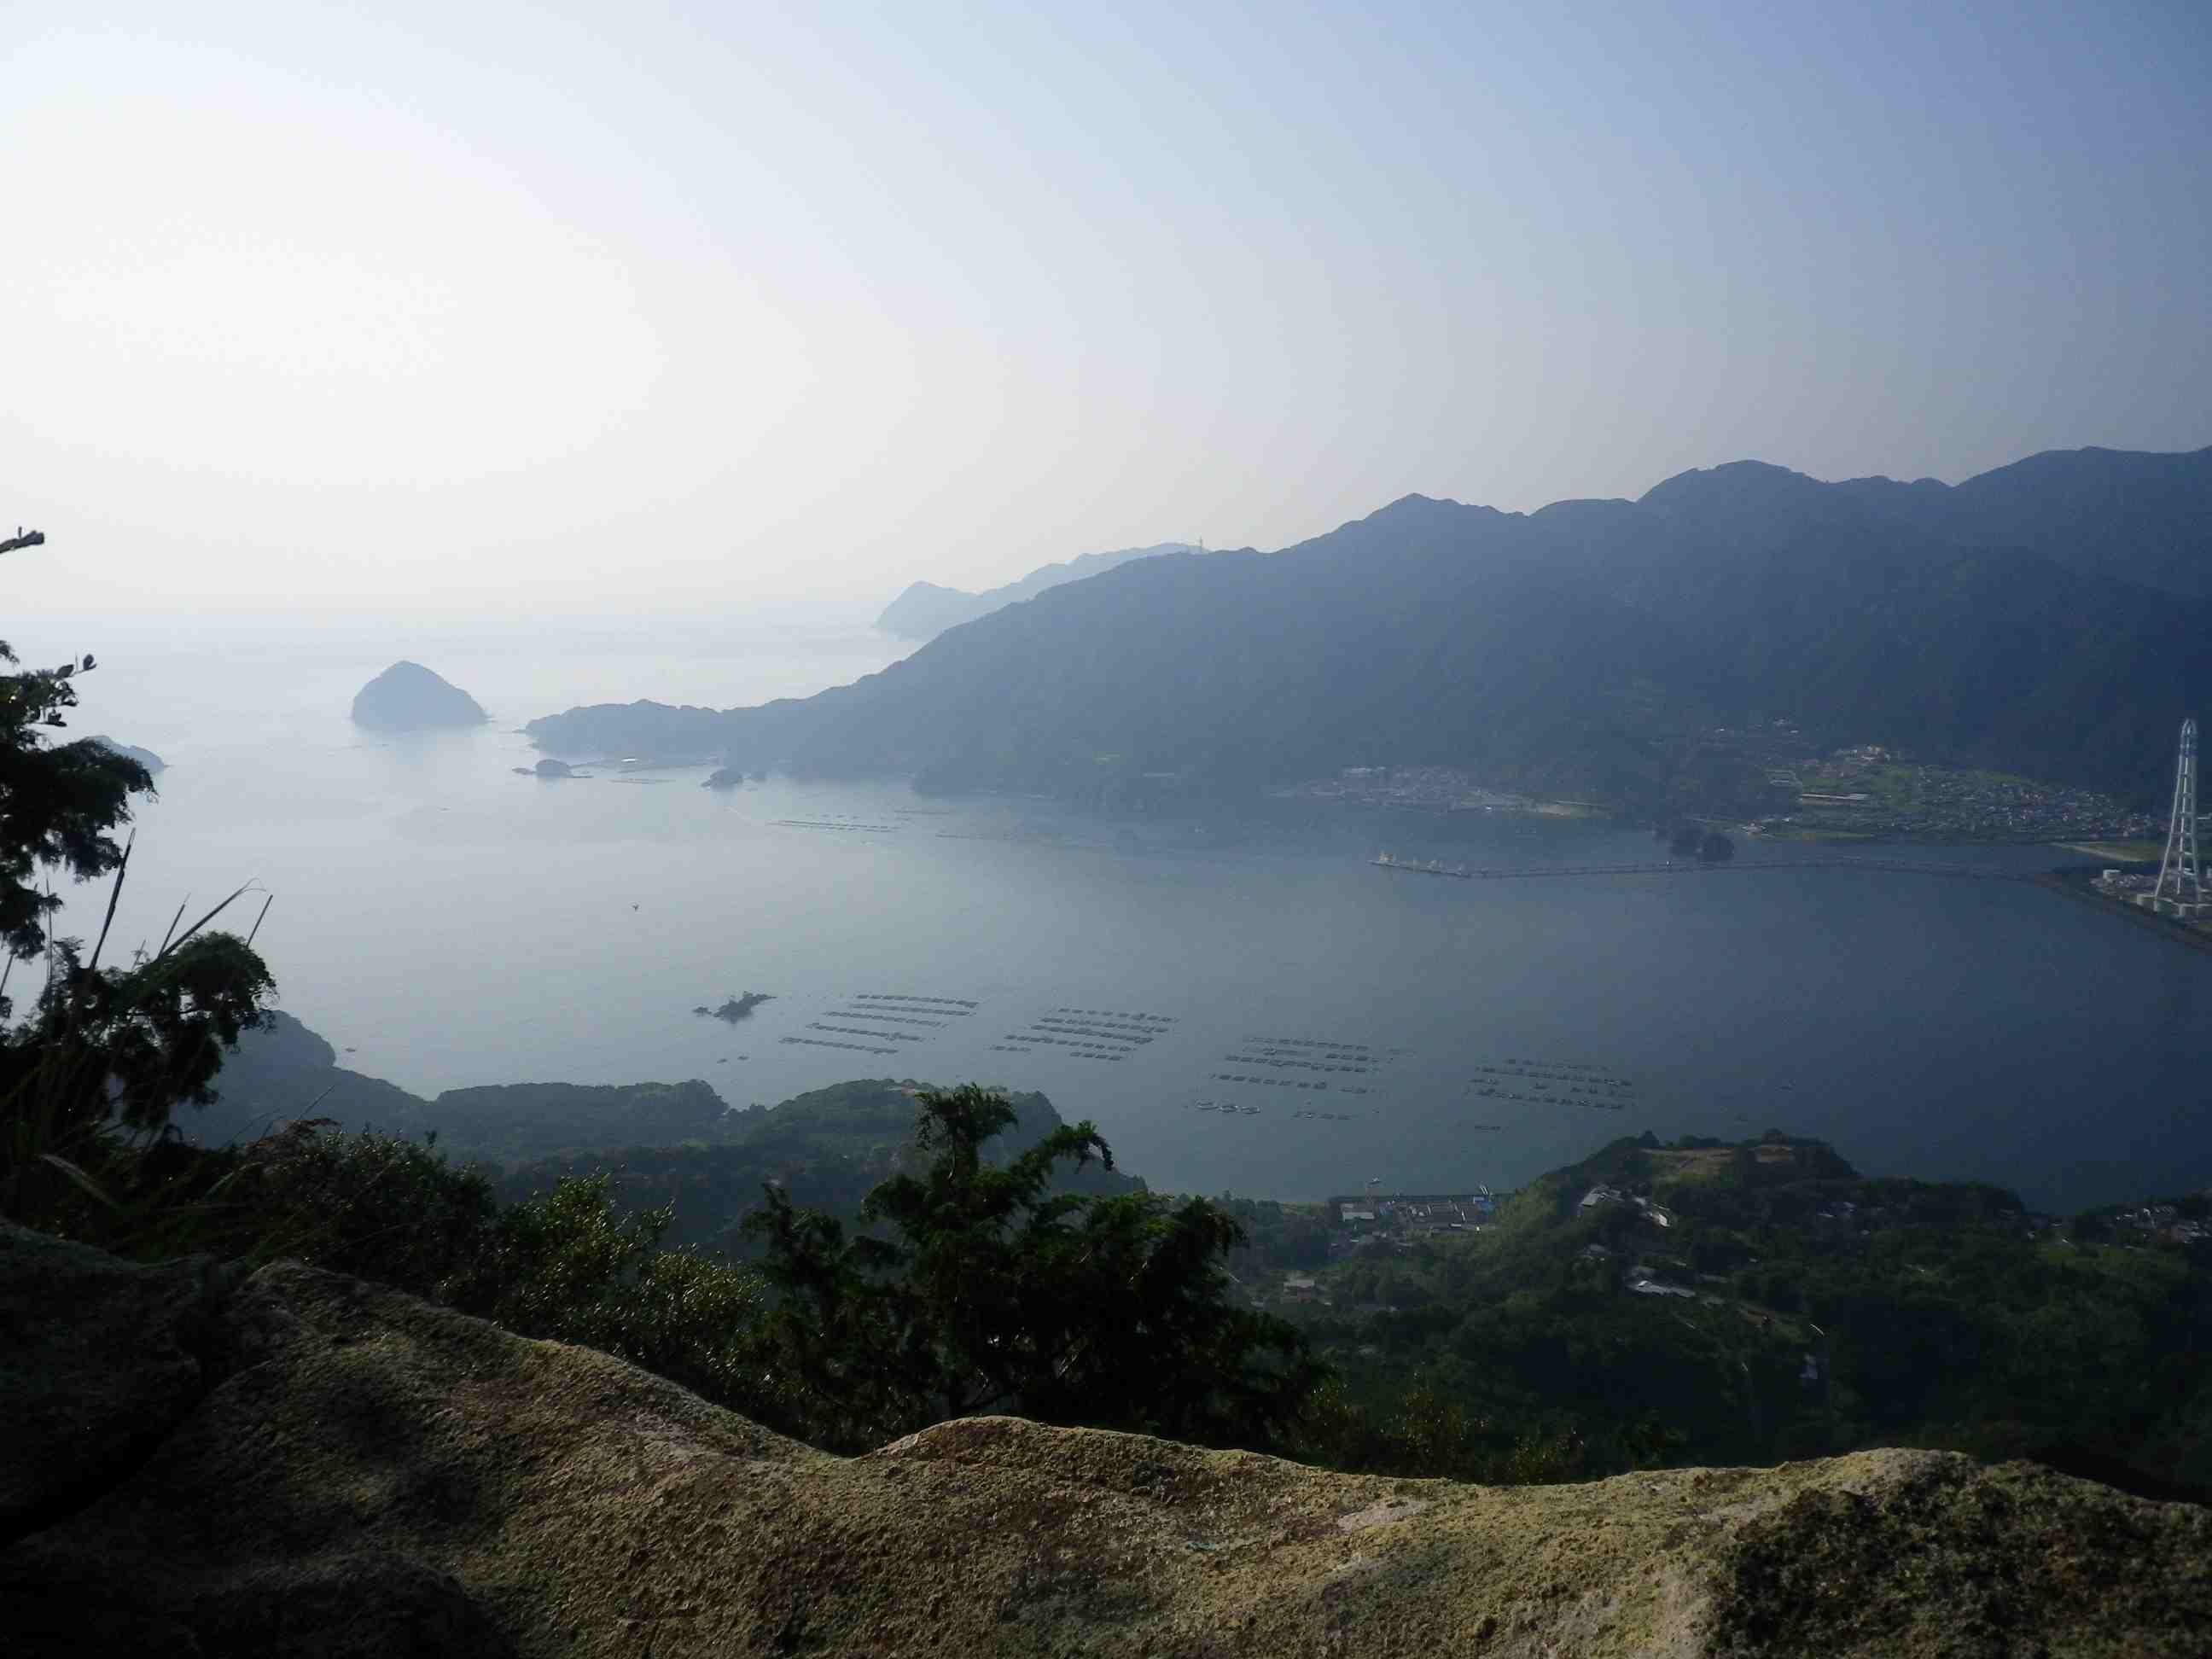 世界遺産熊野古道(馬越峠/天狗倉山)より_d0157745_23463845.jpg